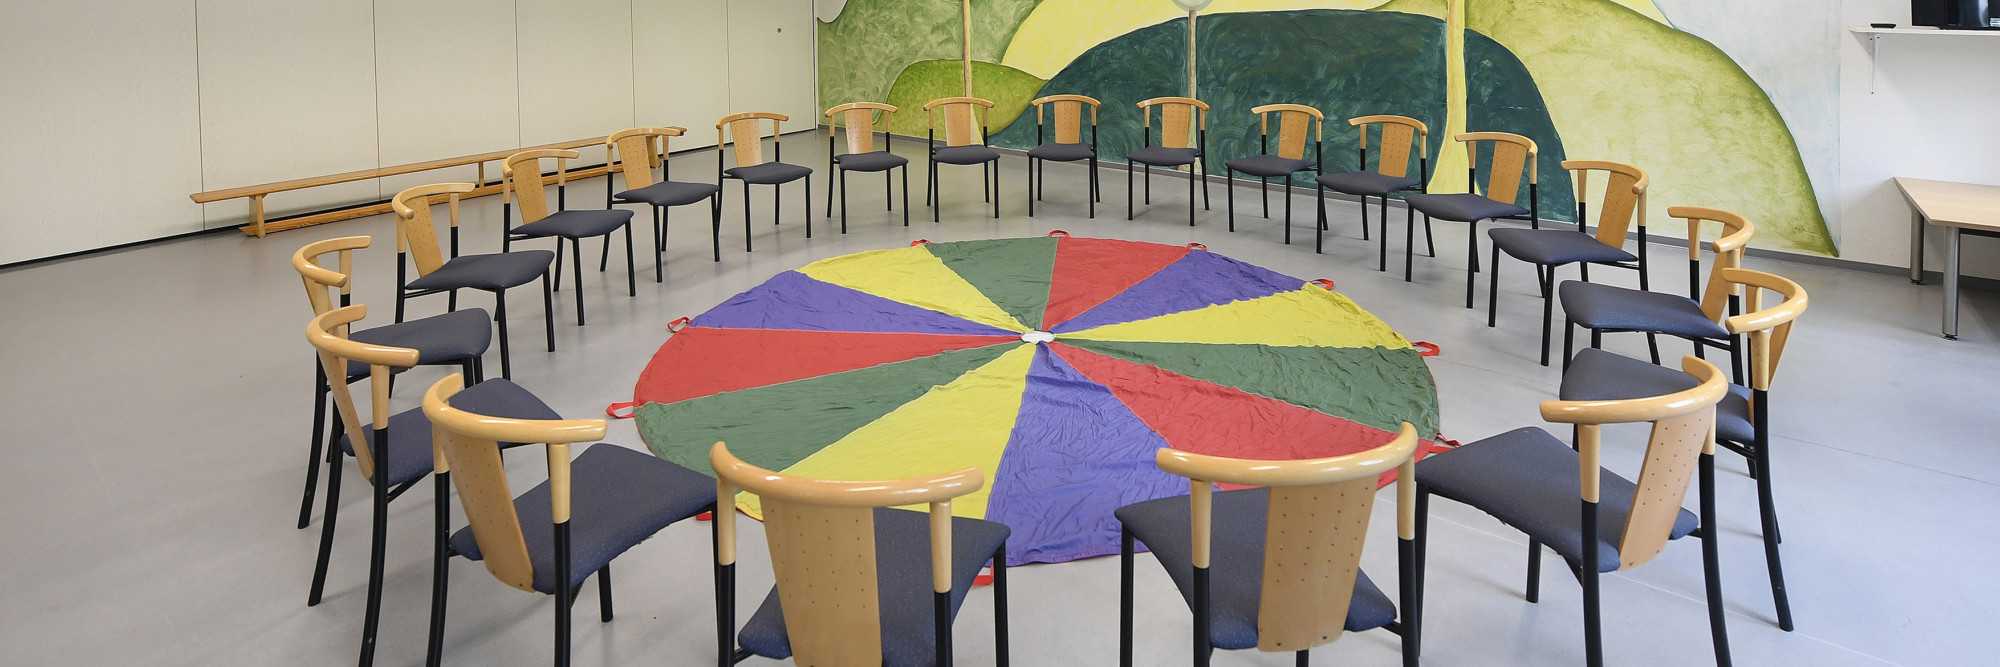 Ein großer Stuhlkreis umschließt ein Schwungtuch im großzügigen Therapieraum des Marianne van den Bosch Hauses.